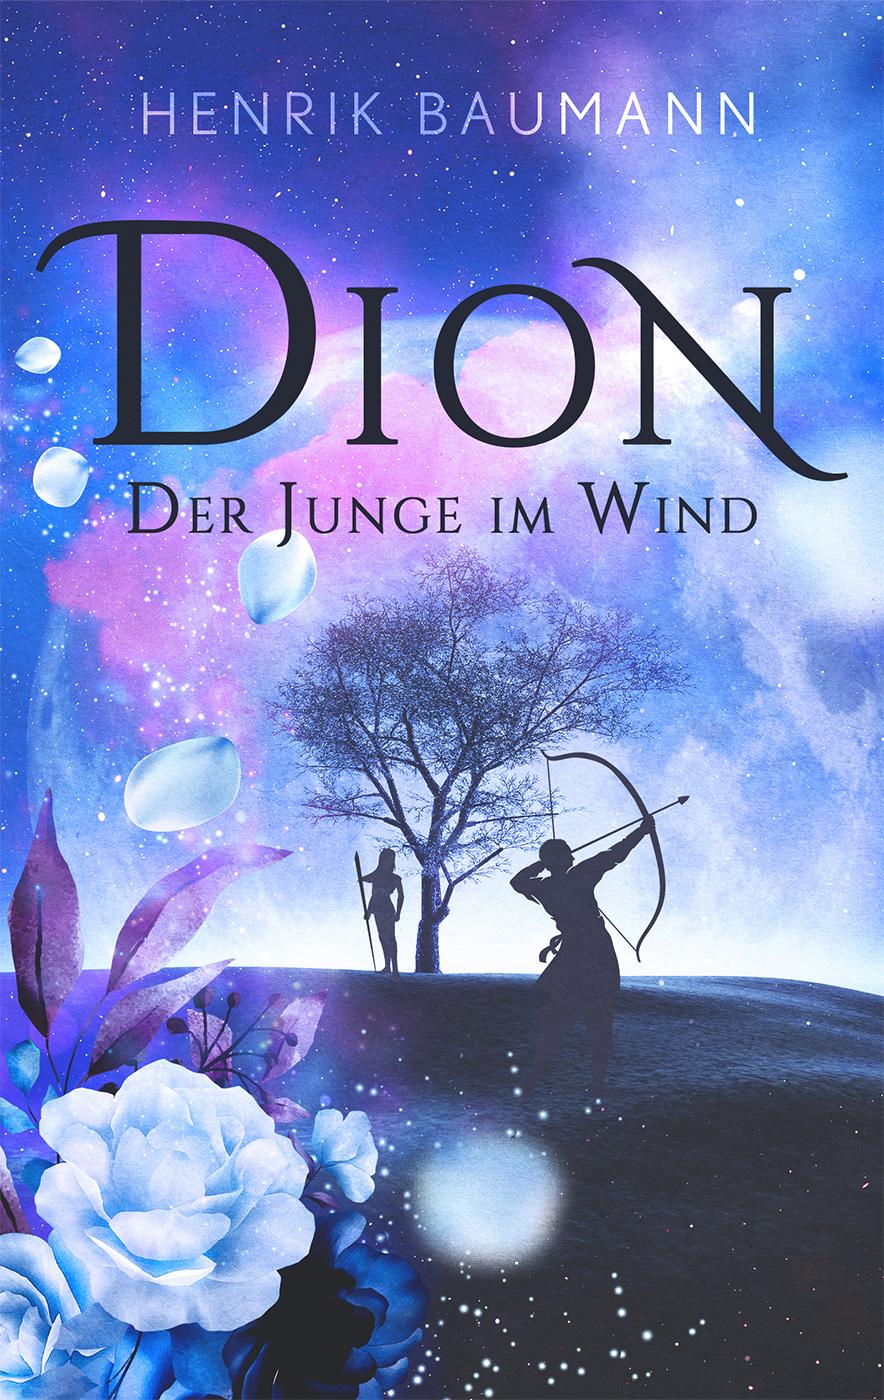 Dion: Der Junge im Wind